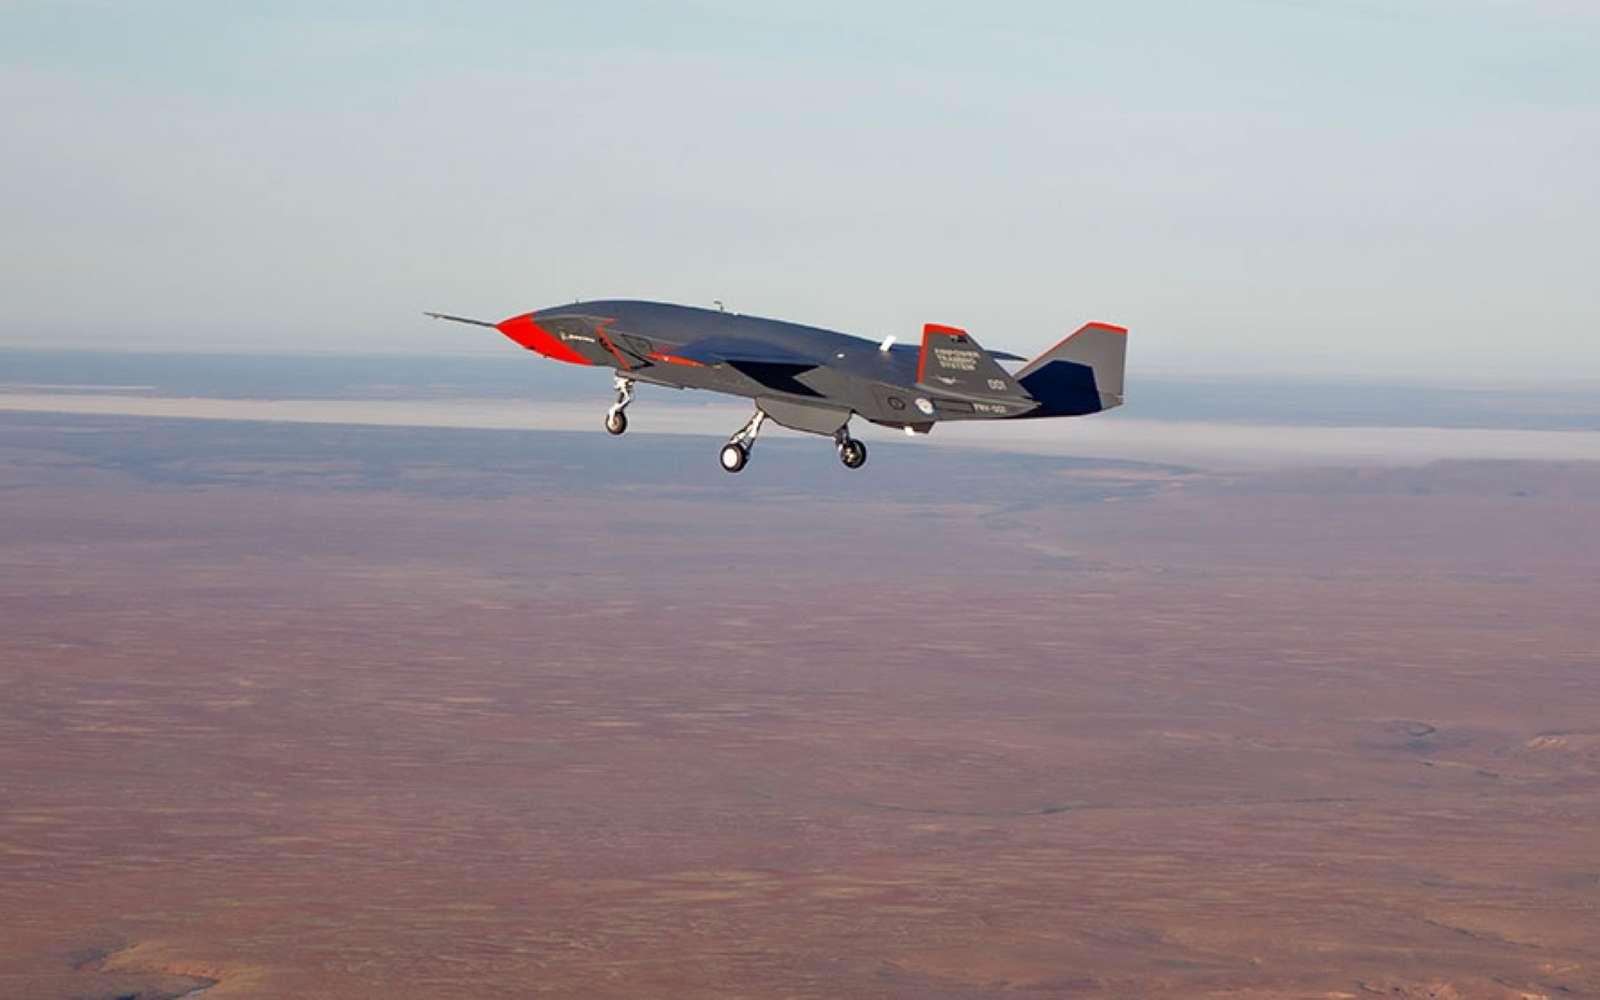 Avec son profil d'avion de chasse moderne, le Loyal Wingman dispose d'une autonomie importante pour aller plus loin que les avions de combat actuels. © RAAF